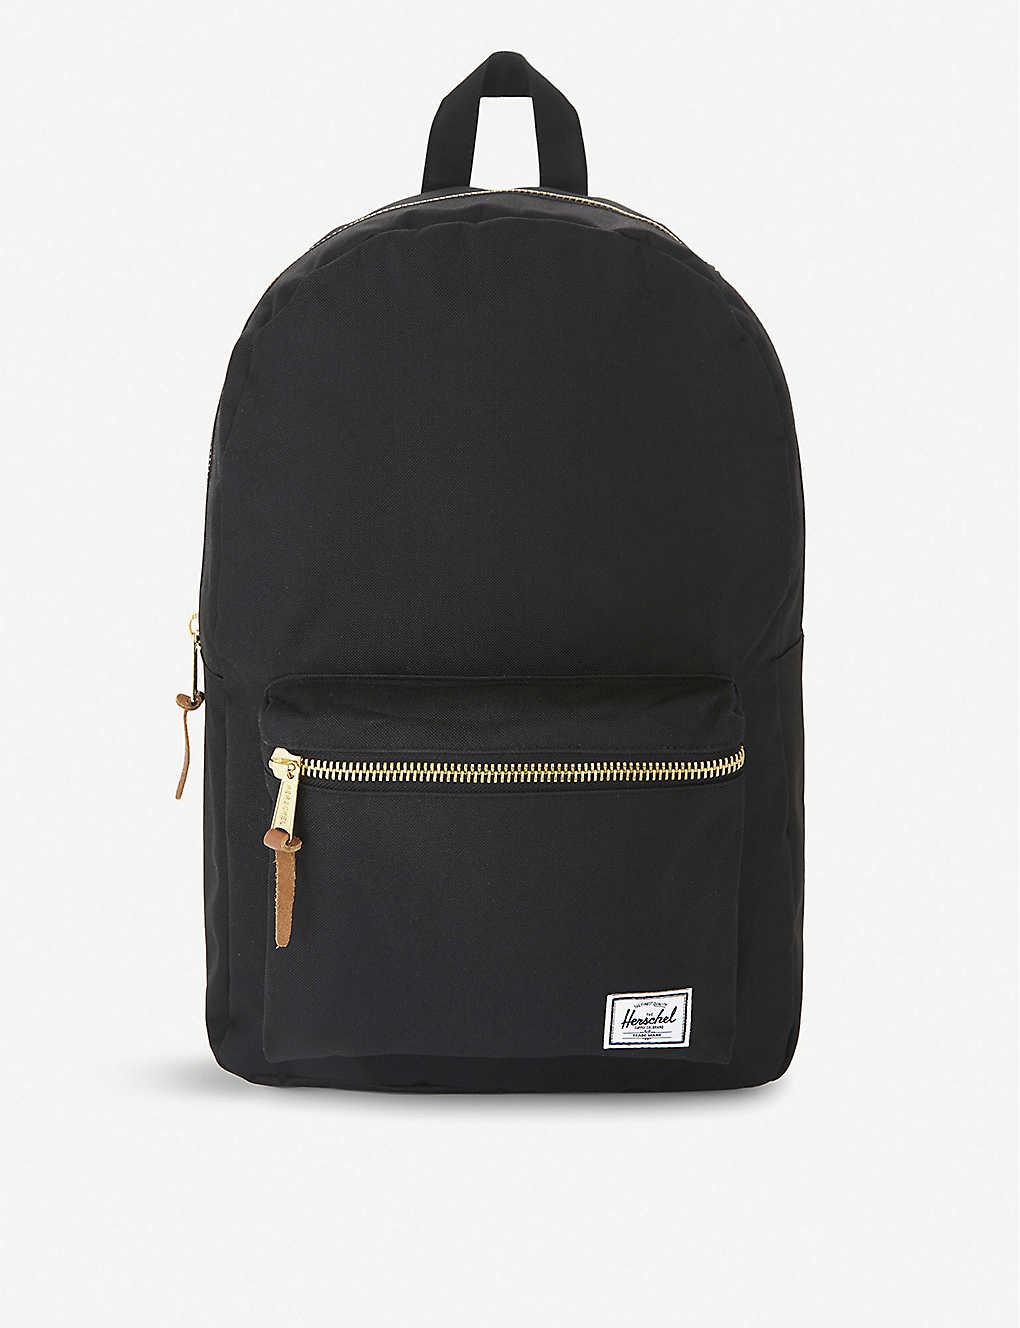 HERSCHEL SUPPLY CO - Settlement backpack  2f1cc33d6985e